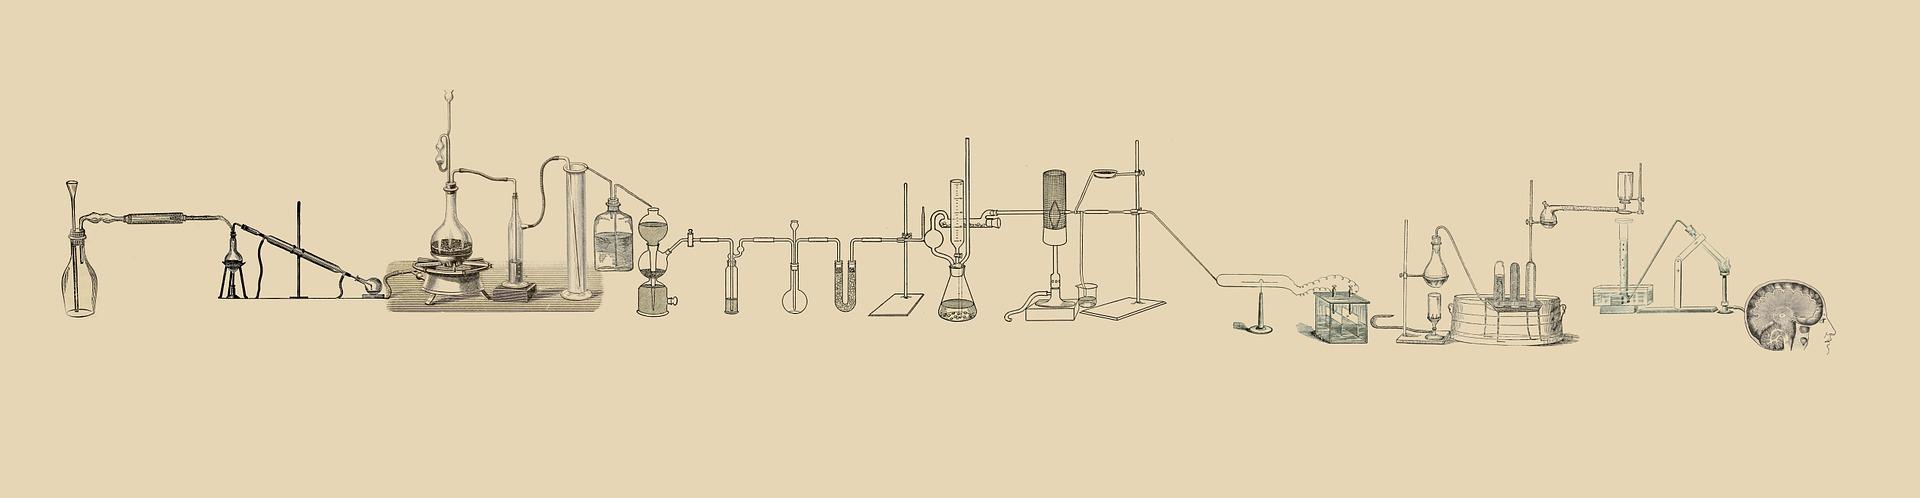 Naši dijaki uspešni na državnem tekmovanju iz kemije